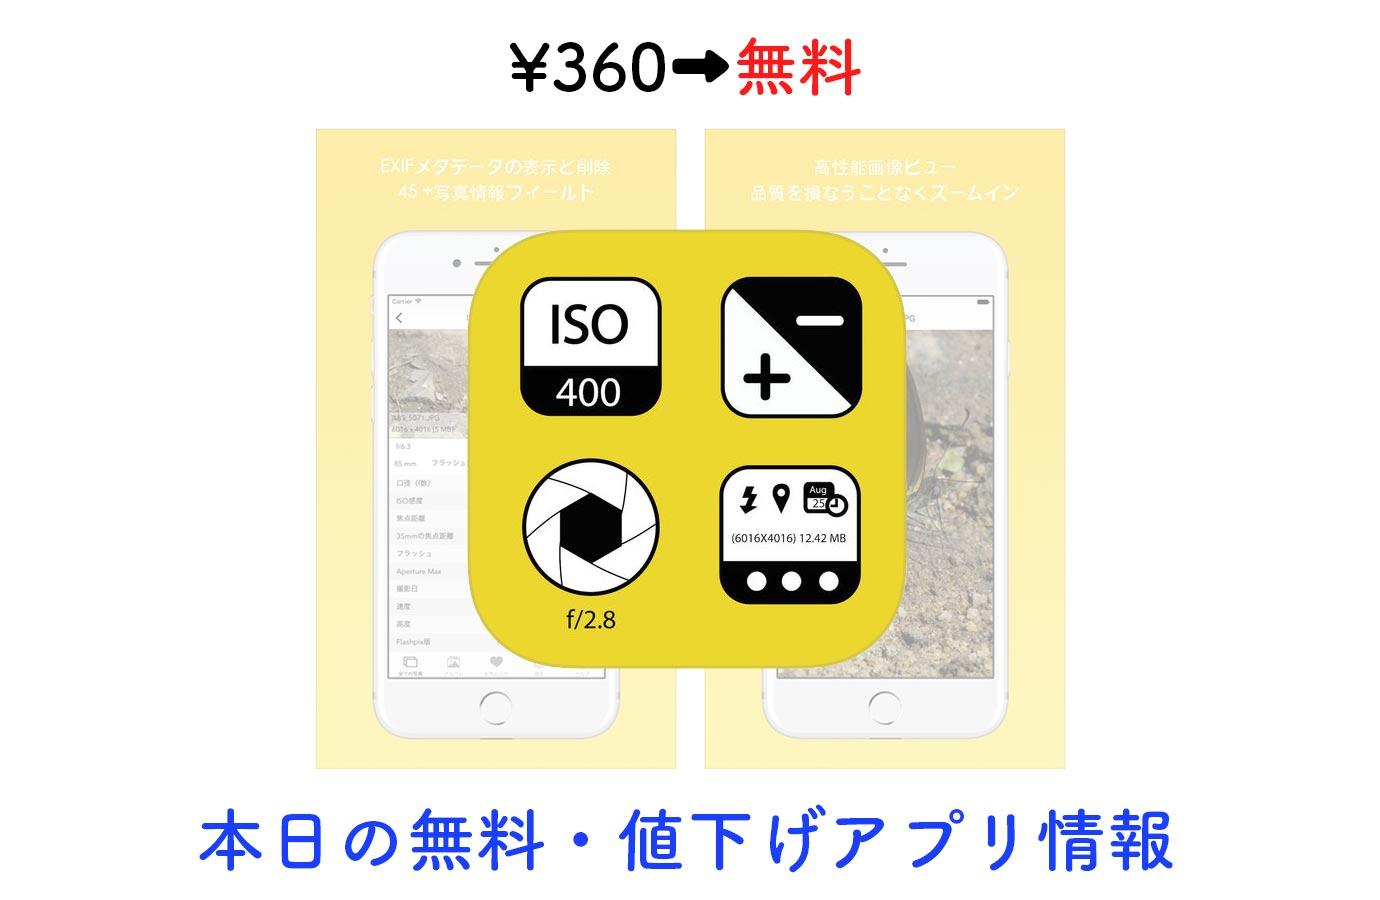 ¥360→無料、写真の位置情報などのEXIFメタデータを確認・削除できる「Exif Viewer」など【10/28】本日の無料・値下げアプリ情報